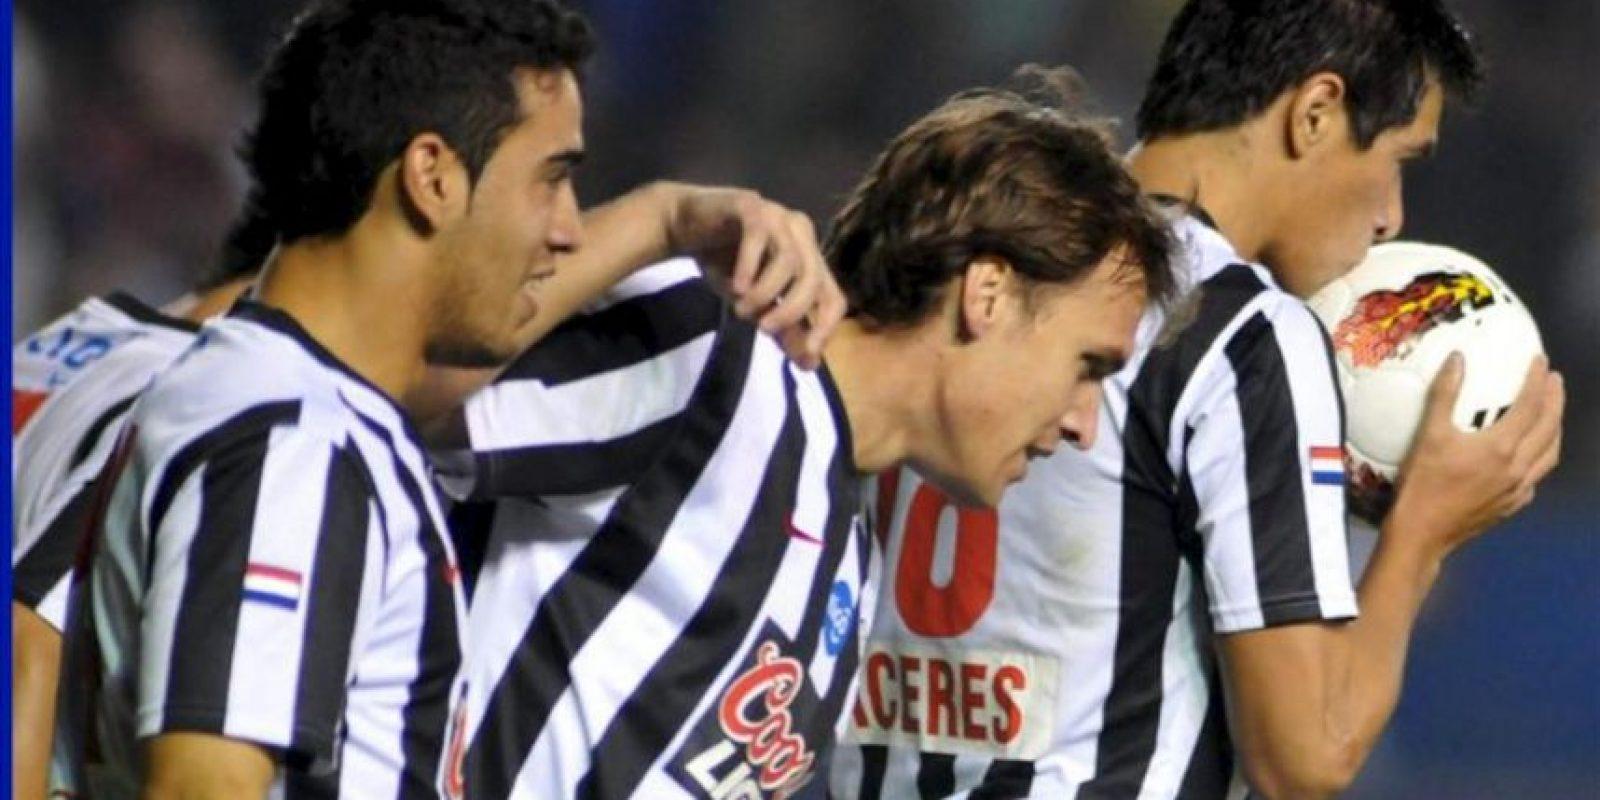 Tras el empate 1-1 registrado en el encuentro de ida, la pasada semana en Asunción, el equipo 'gumarelo' quedó ante la obligación de ganar por el resultado que fuese o empatar por más de dos goles para instalarse en las semifinales. EFE/Archivo